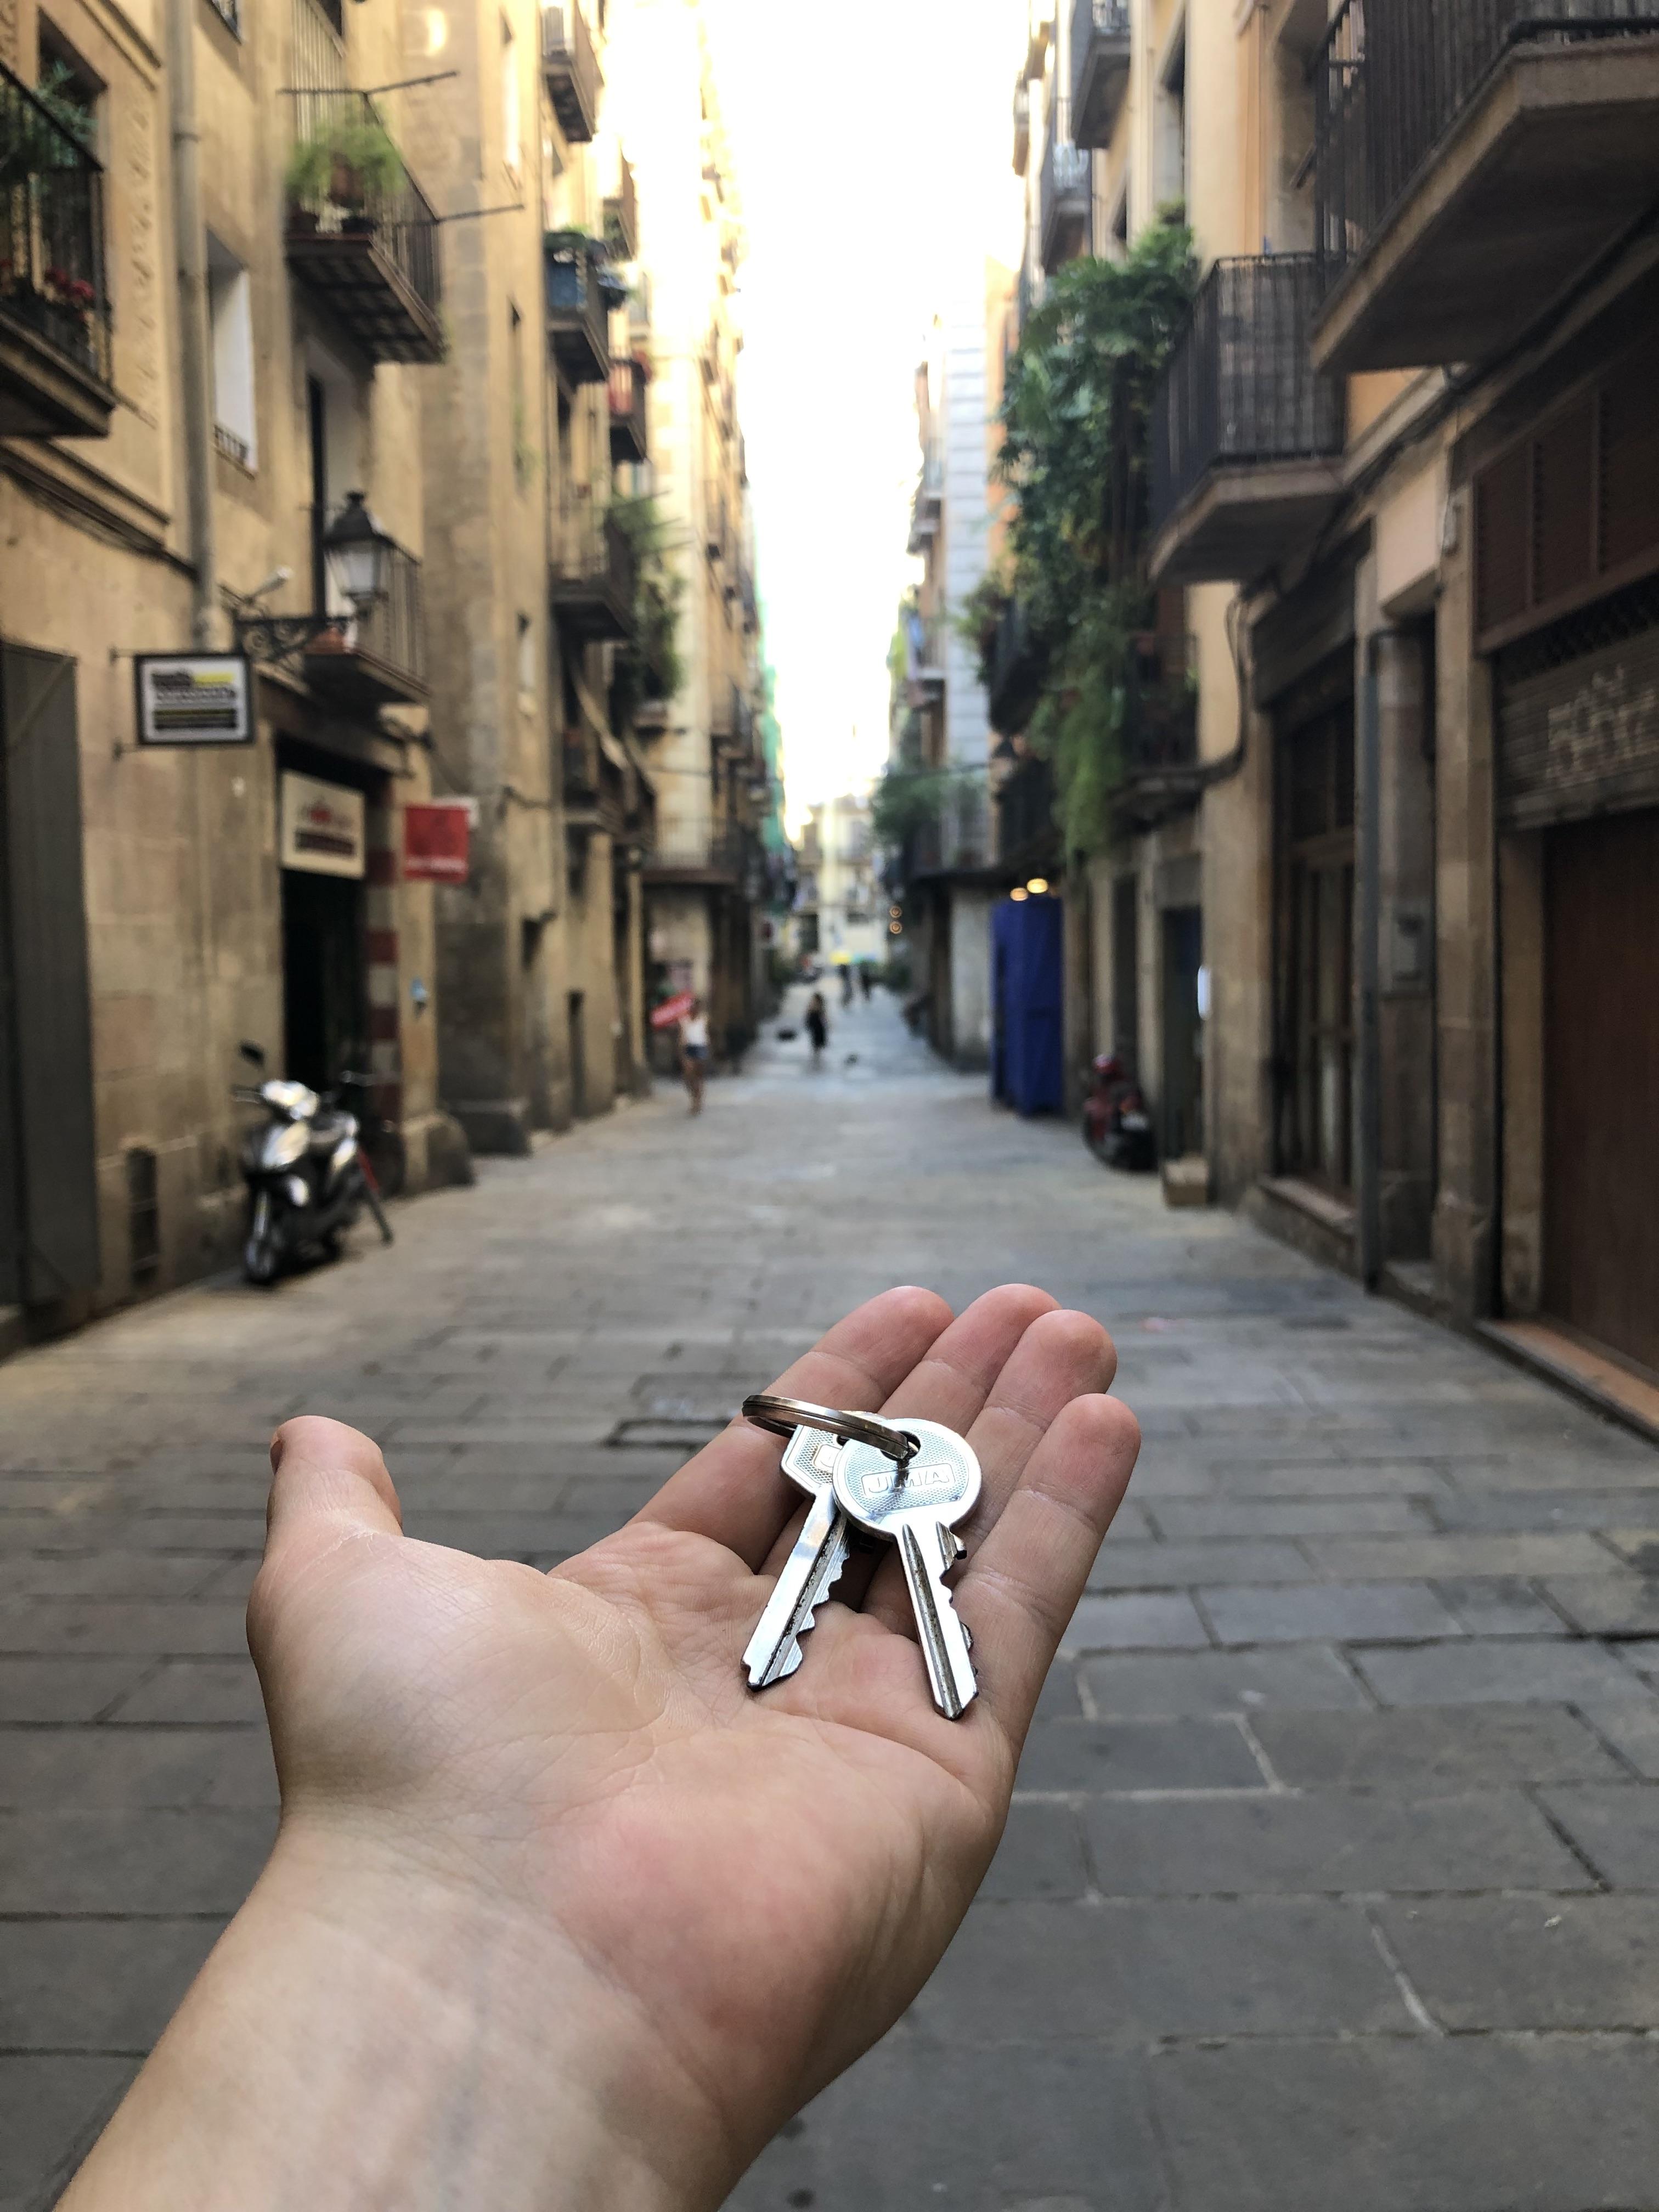 Barcelona oder München: Wo würde ich lieber auf Wohnungssuche gehen?